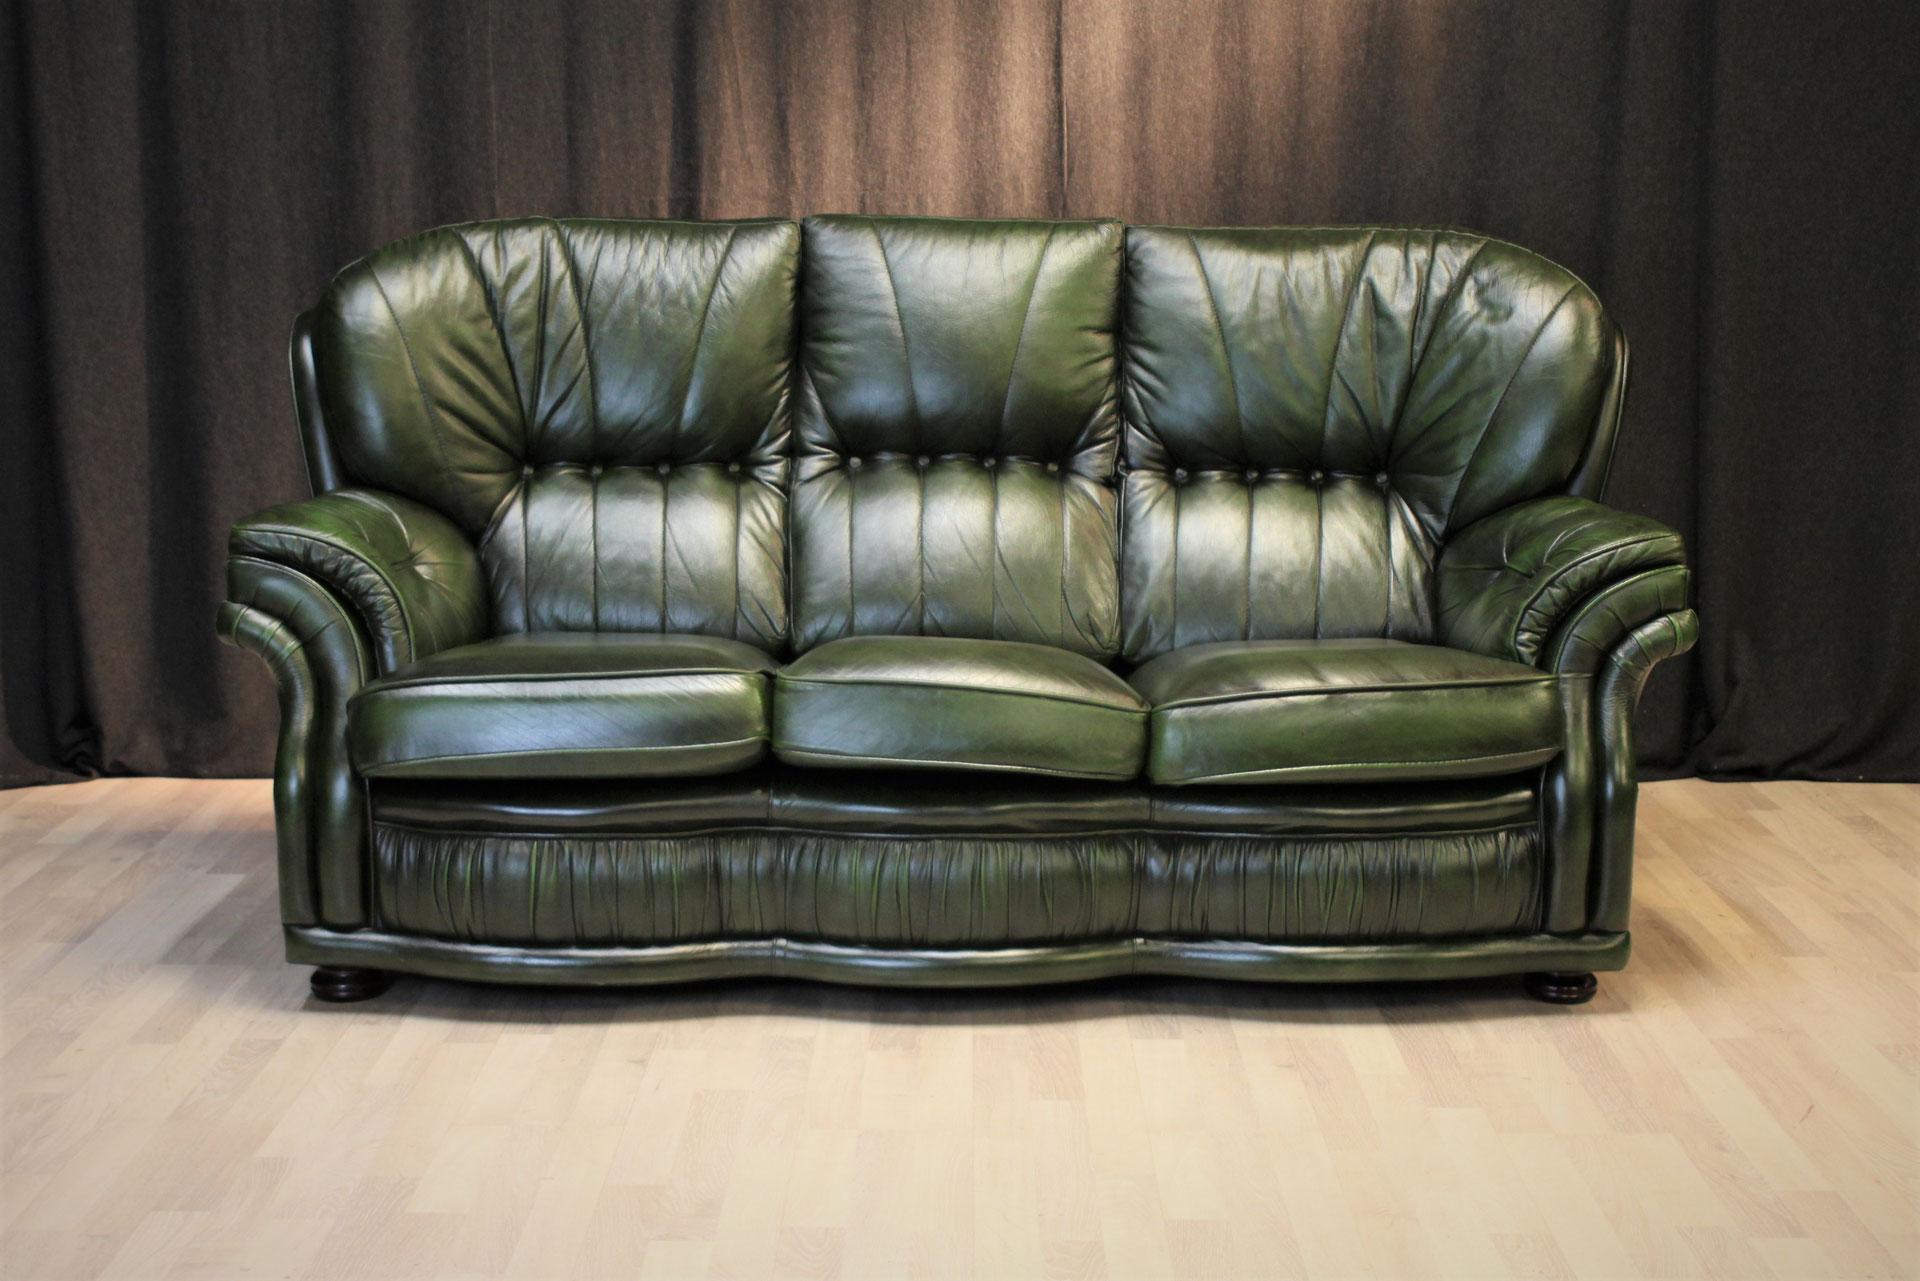 Full Size of Original Springvale Chesterfield 3er Sofa Couch Rindleder Big Weiß Lagerverkauf Natura Baxter Schillig Husse Grau Groß überzug Petrol Xora Aus Matratzen Sofa Sofa Englisch